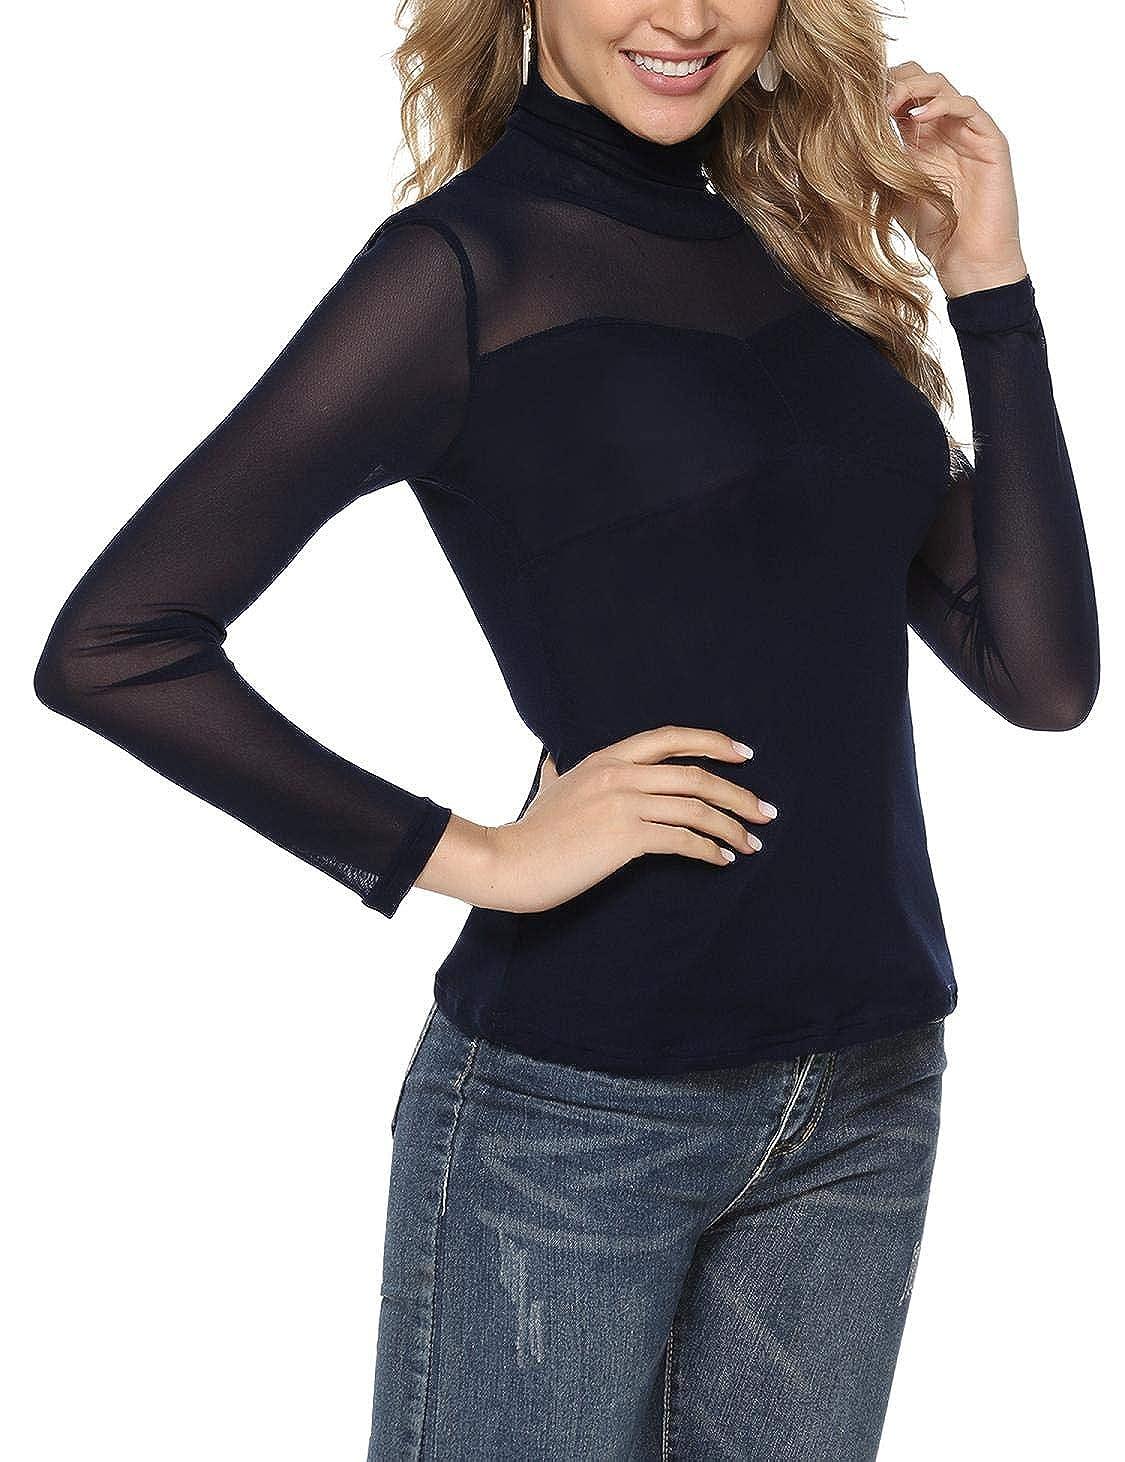 Akalnny Donna T-Shirt Collo Alto Maglia Camicetta Trasparente Ultraleggero Maniche Lunghe Petto Pieghe Camicia